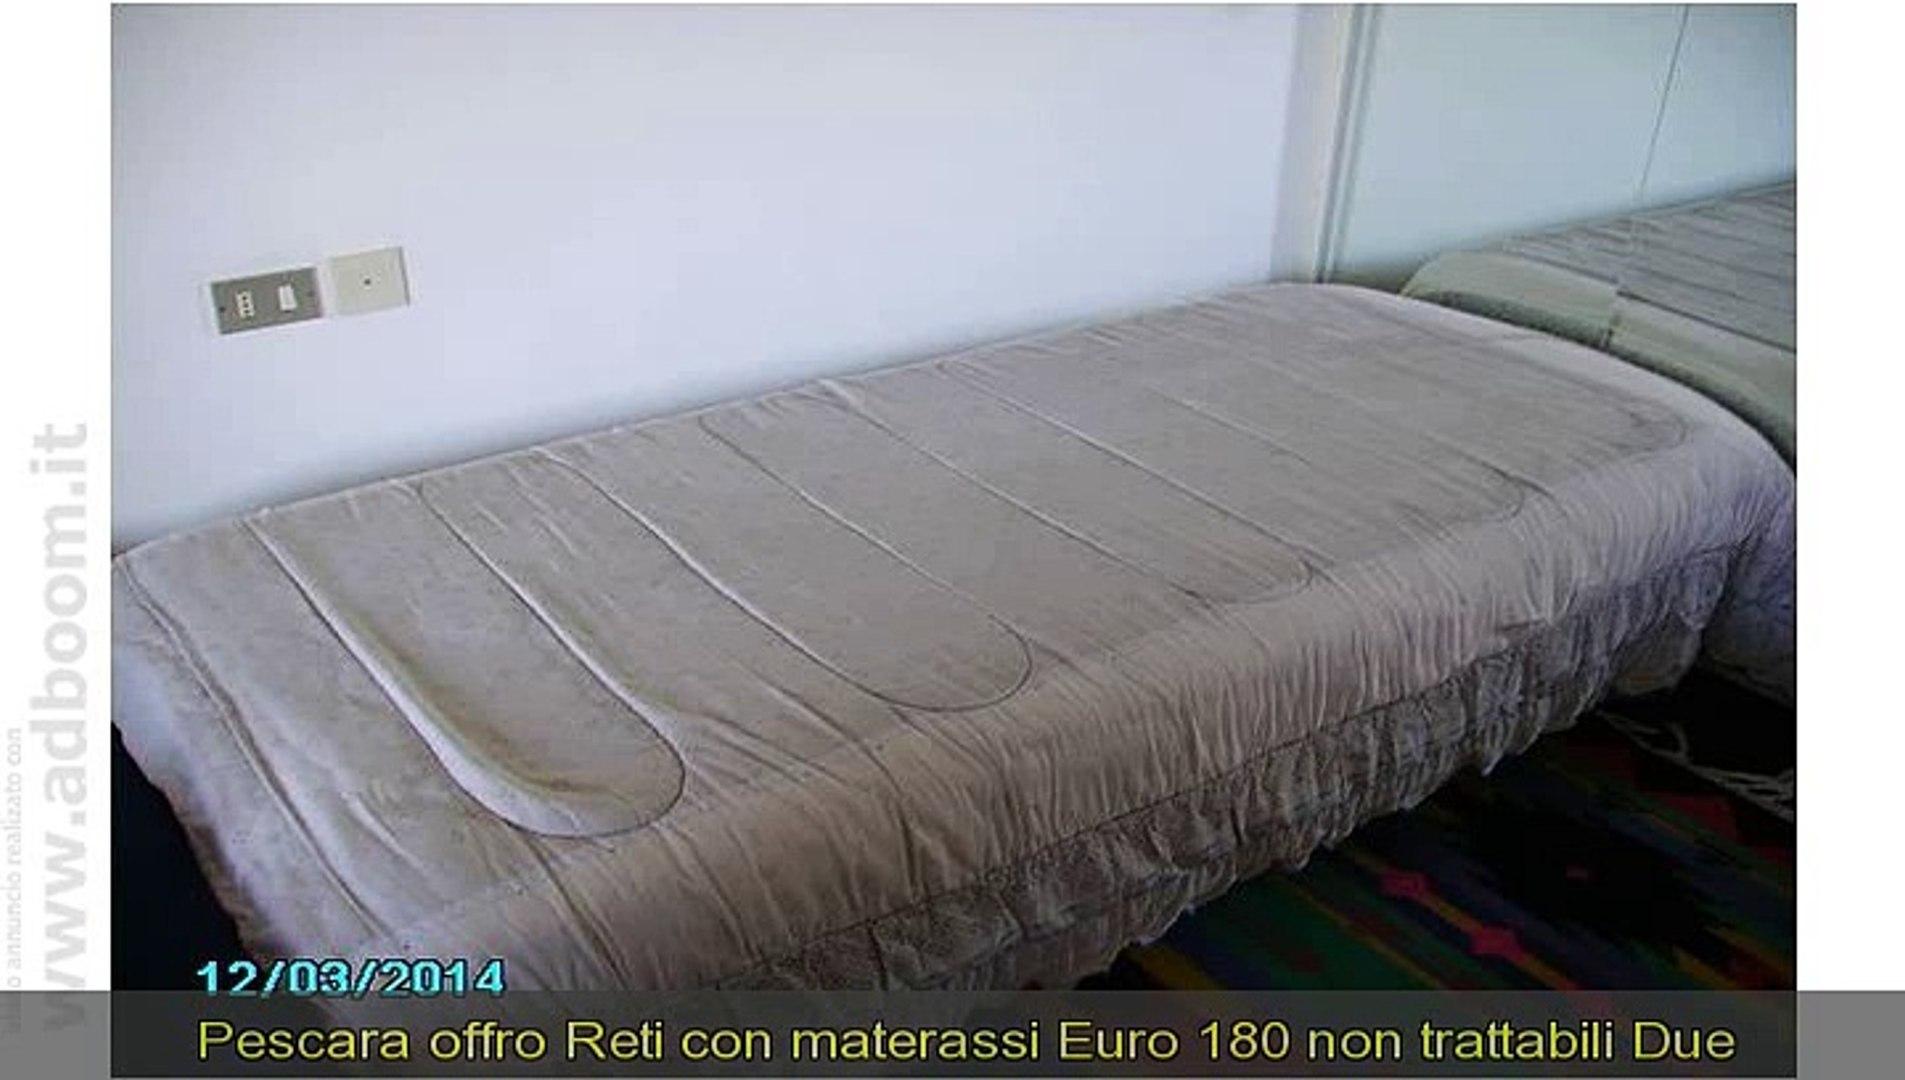 Materassi Pescara.Pescara Montesilvano Reti Con Materassi Euro 180 Video Dailymotion